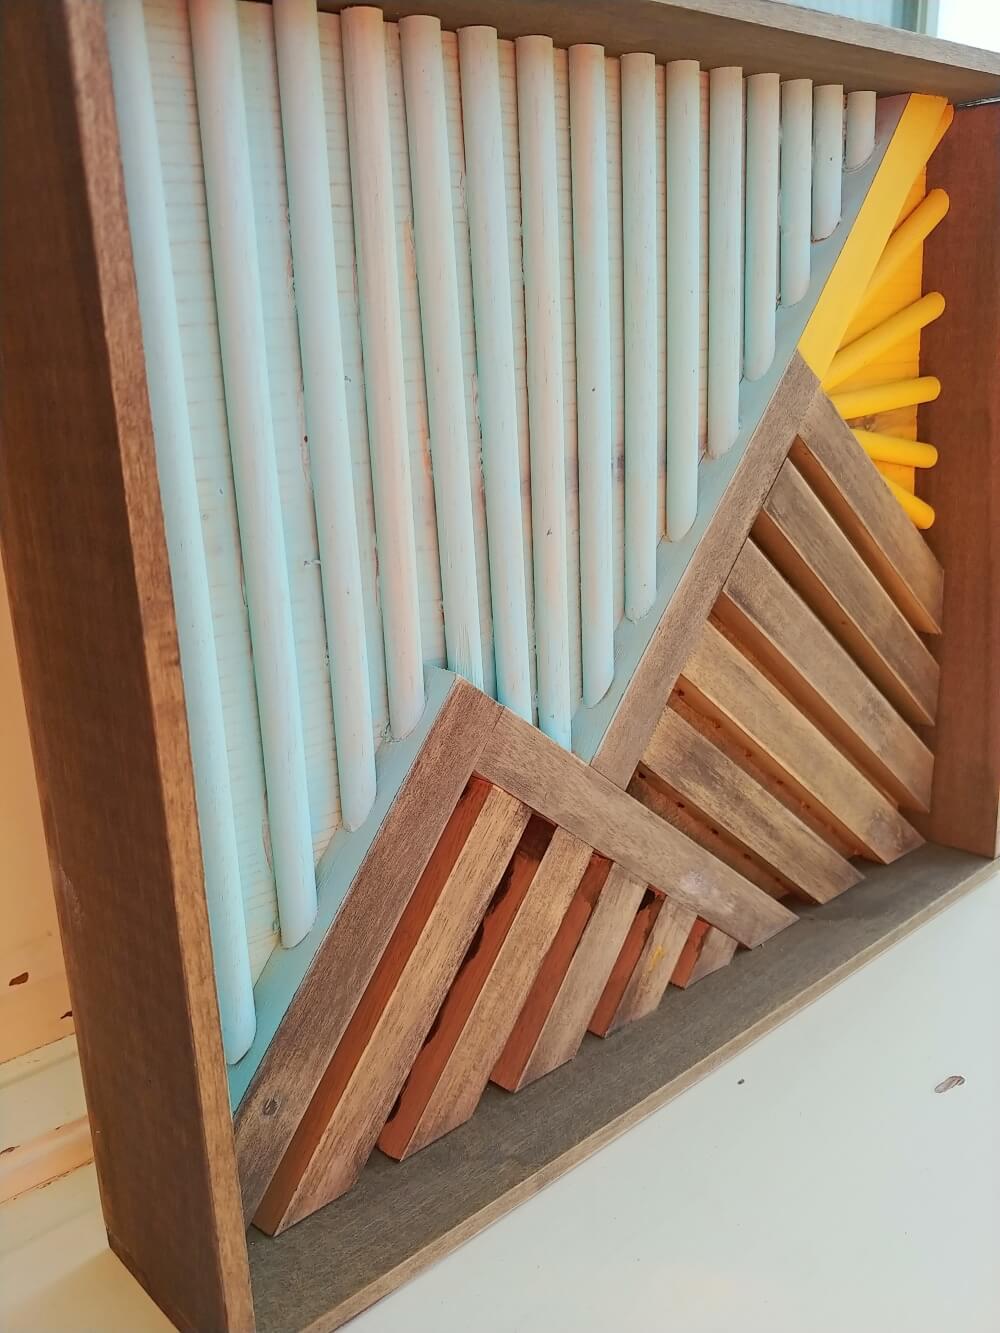 Repurposed Pasta Drying Rack